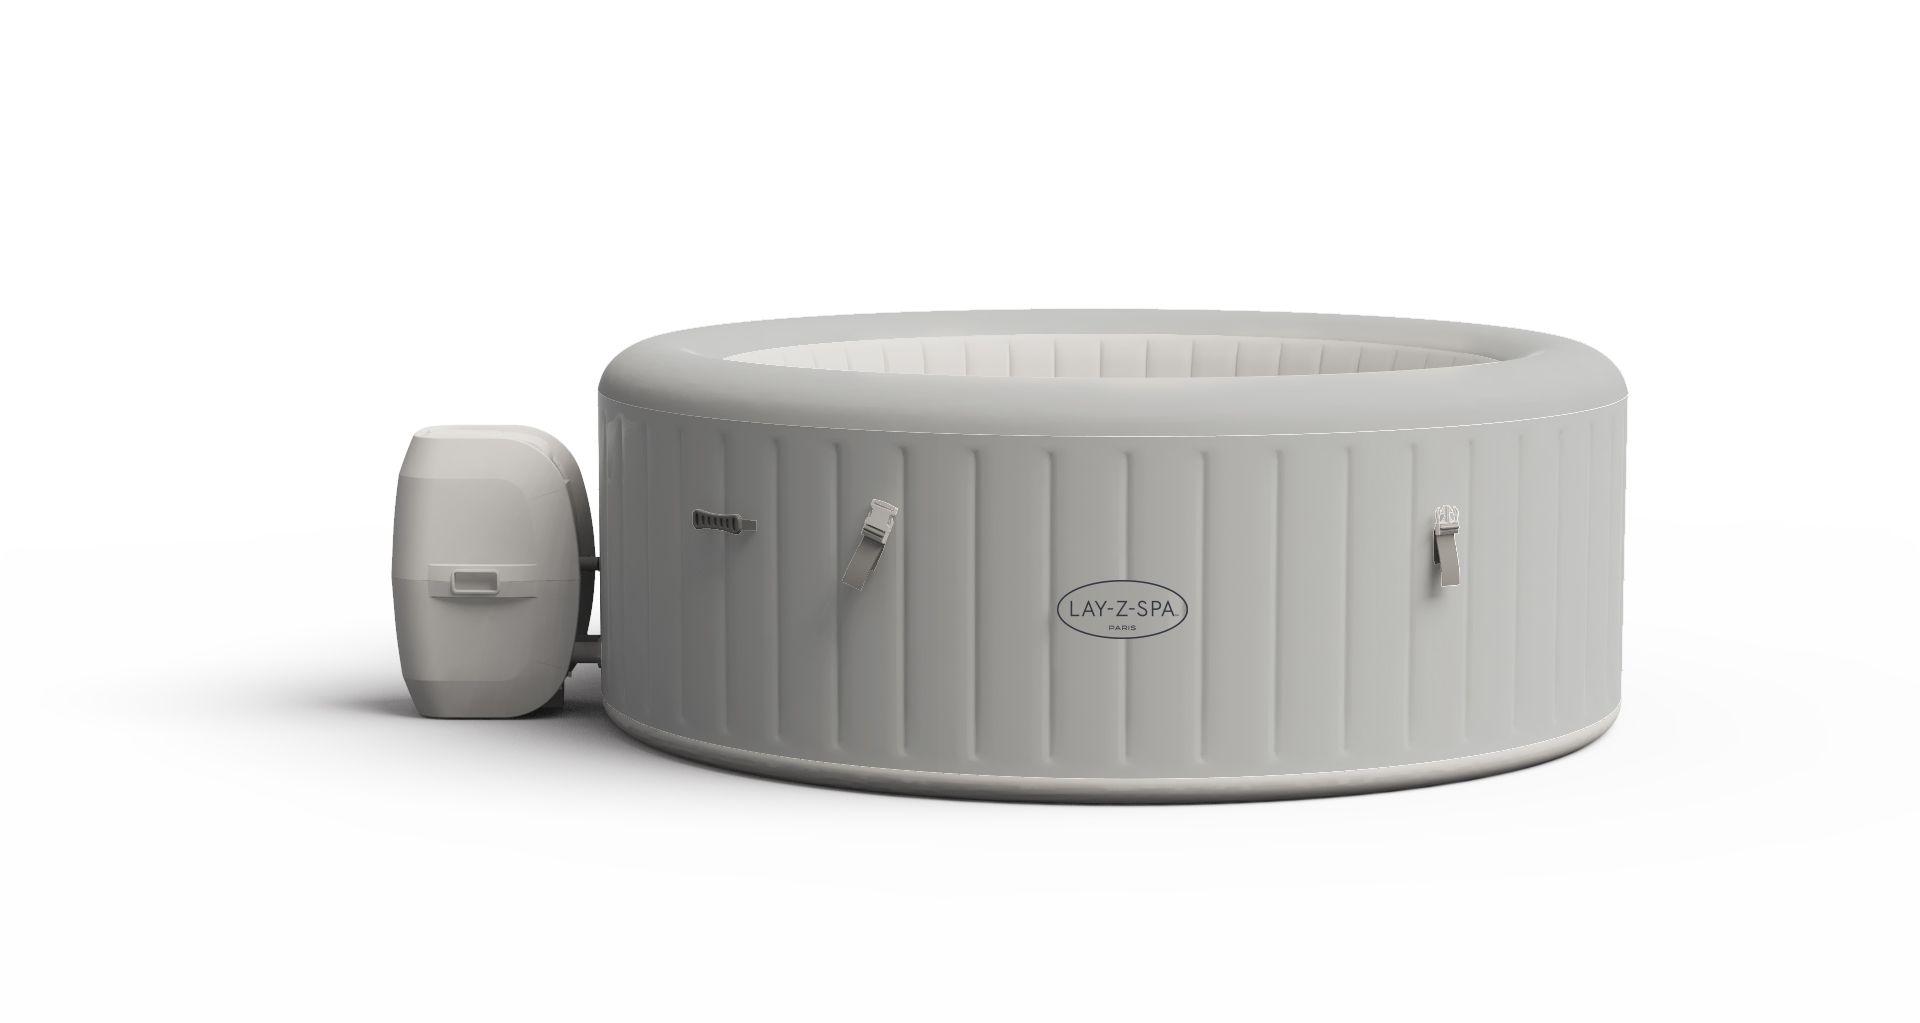 Lay-Z-Spa Hot Tubs